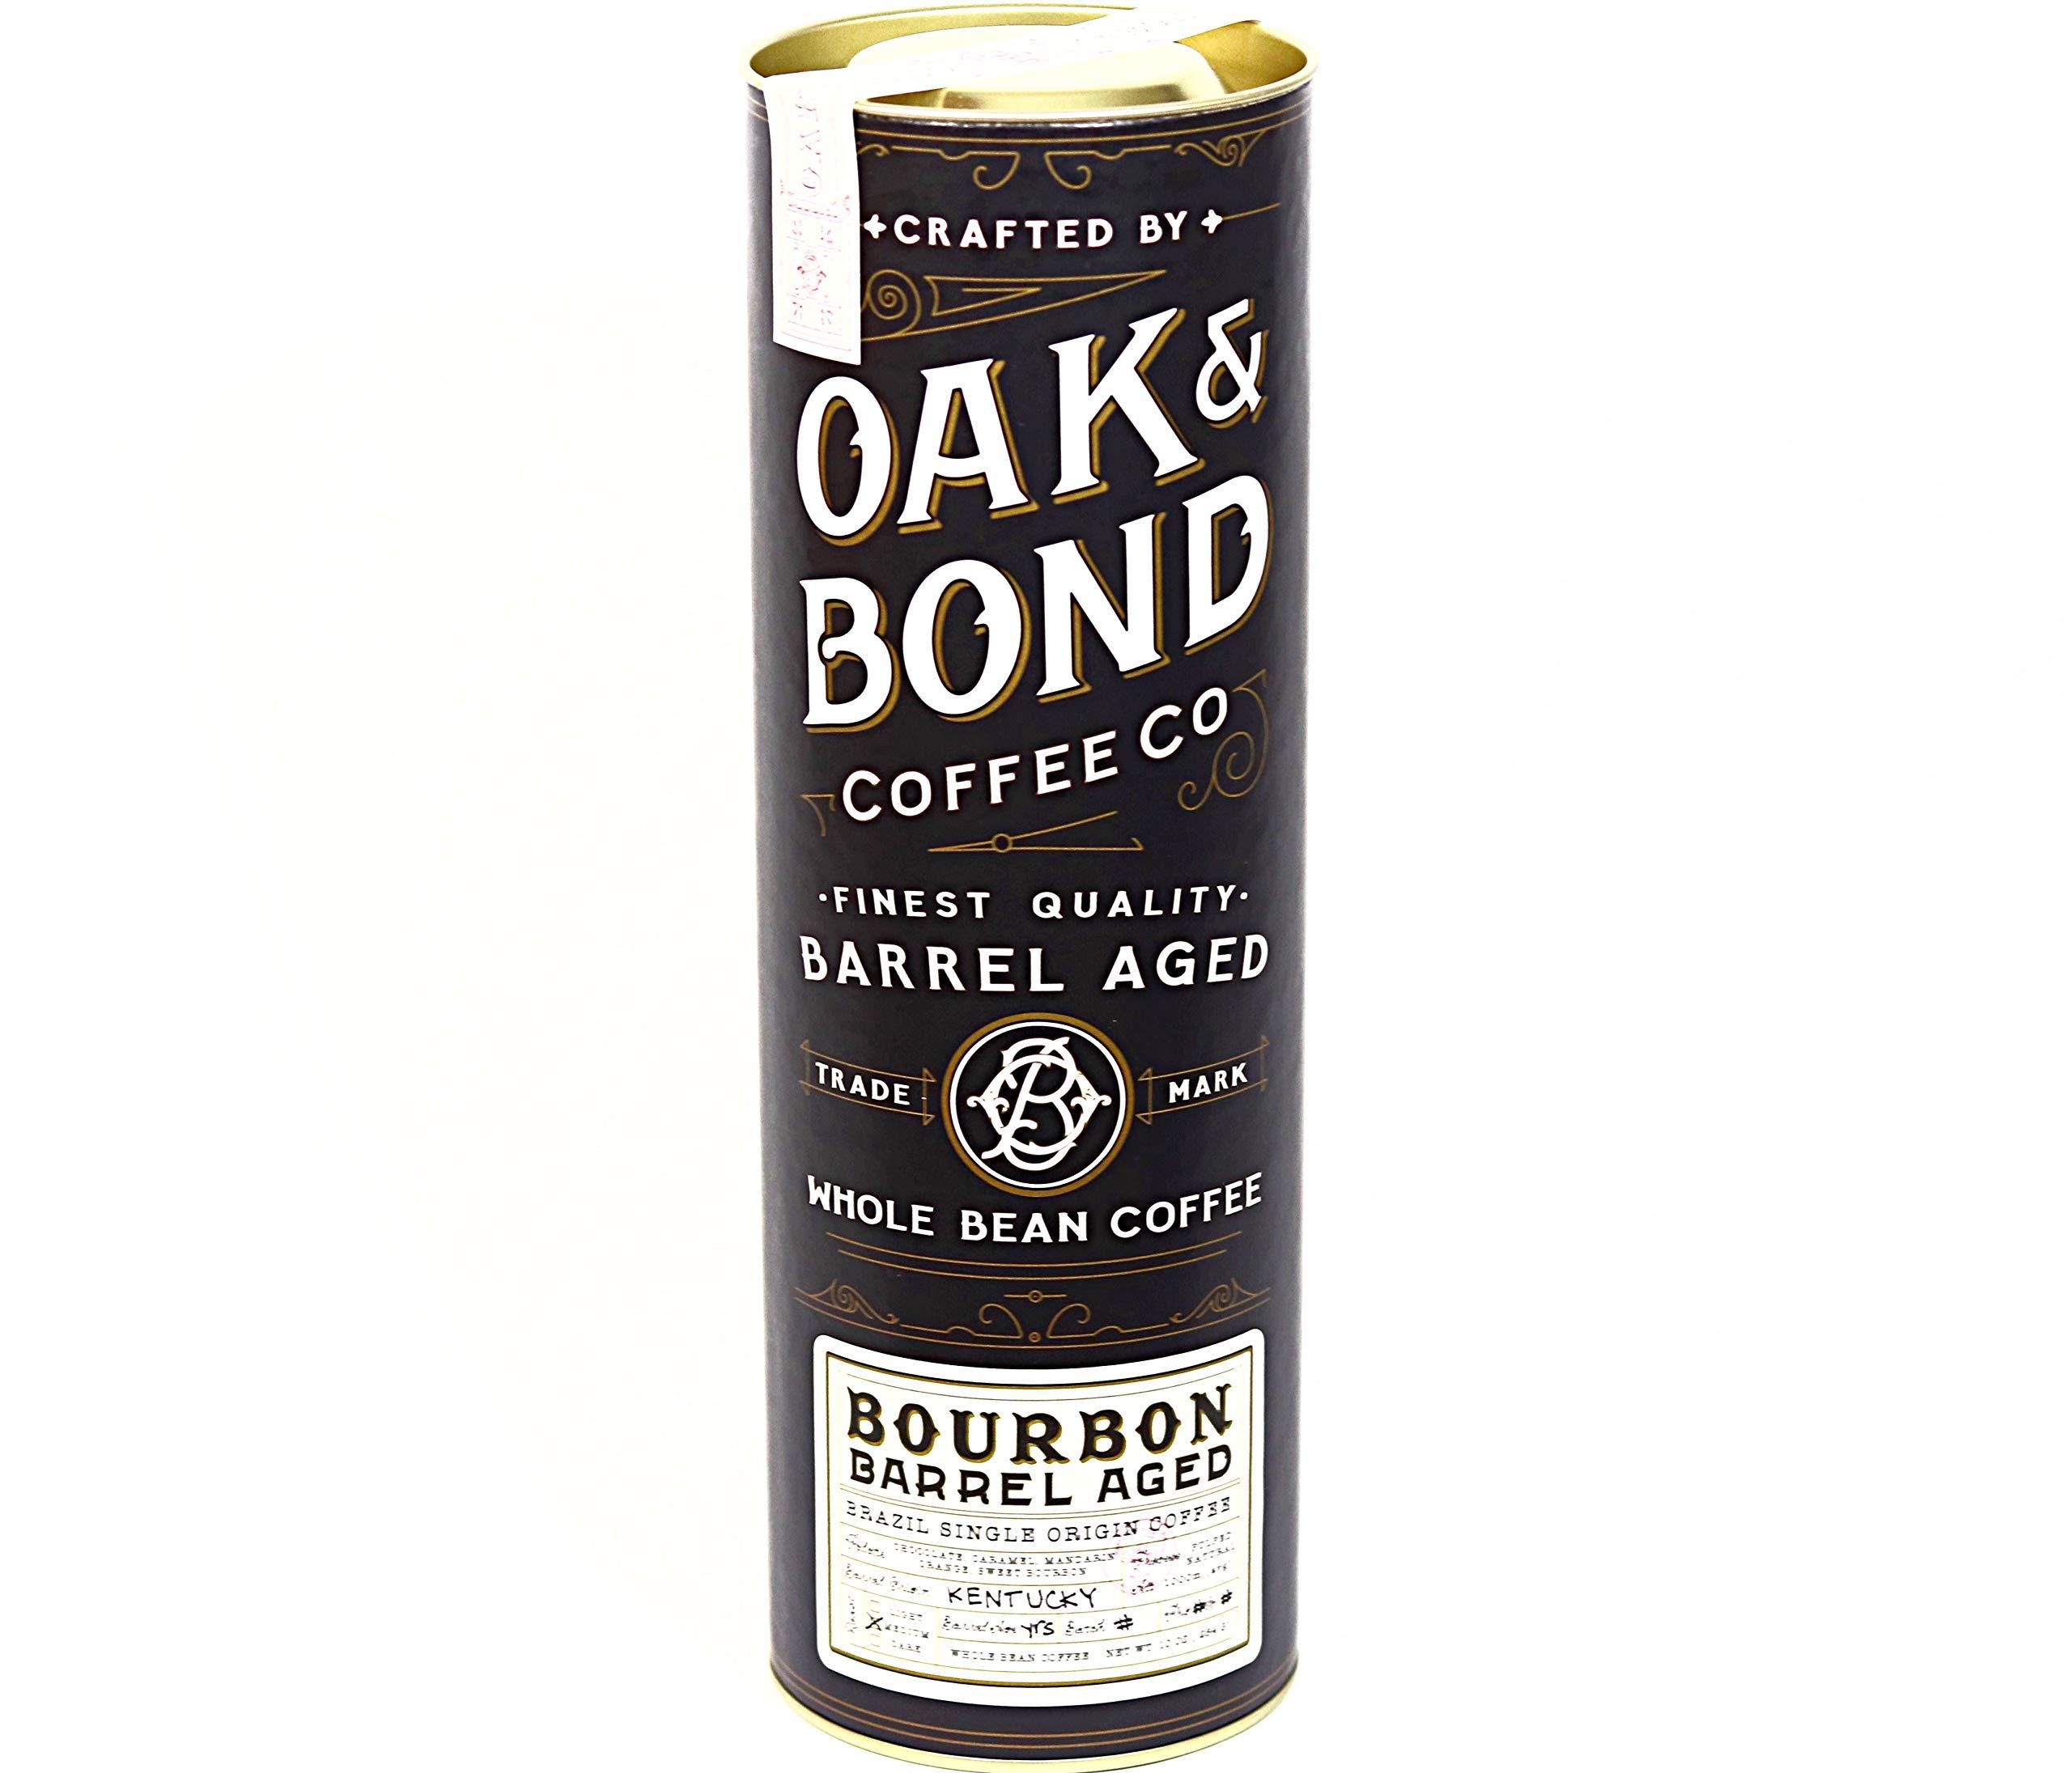 Bourbon Barrel Aged Coffee - Whole Bean Coffee, Brazil Single Origin Whole Bean Coffee Aged in Bourbon Whiskey Barrels by Oak & Bond Coffee Co. - 10 oz